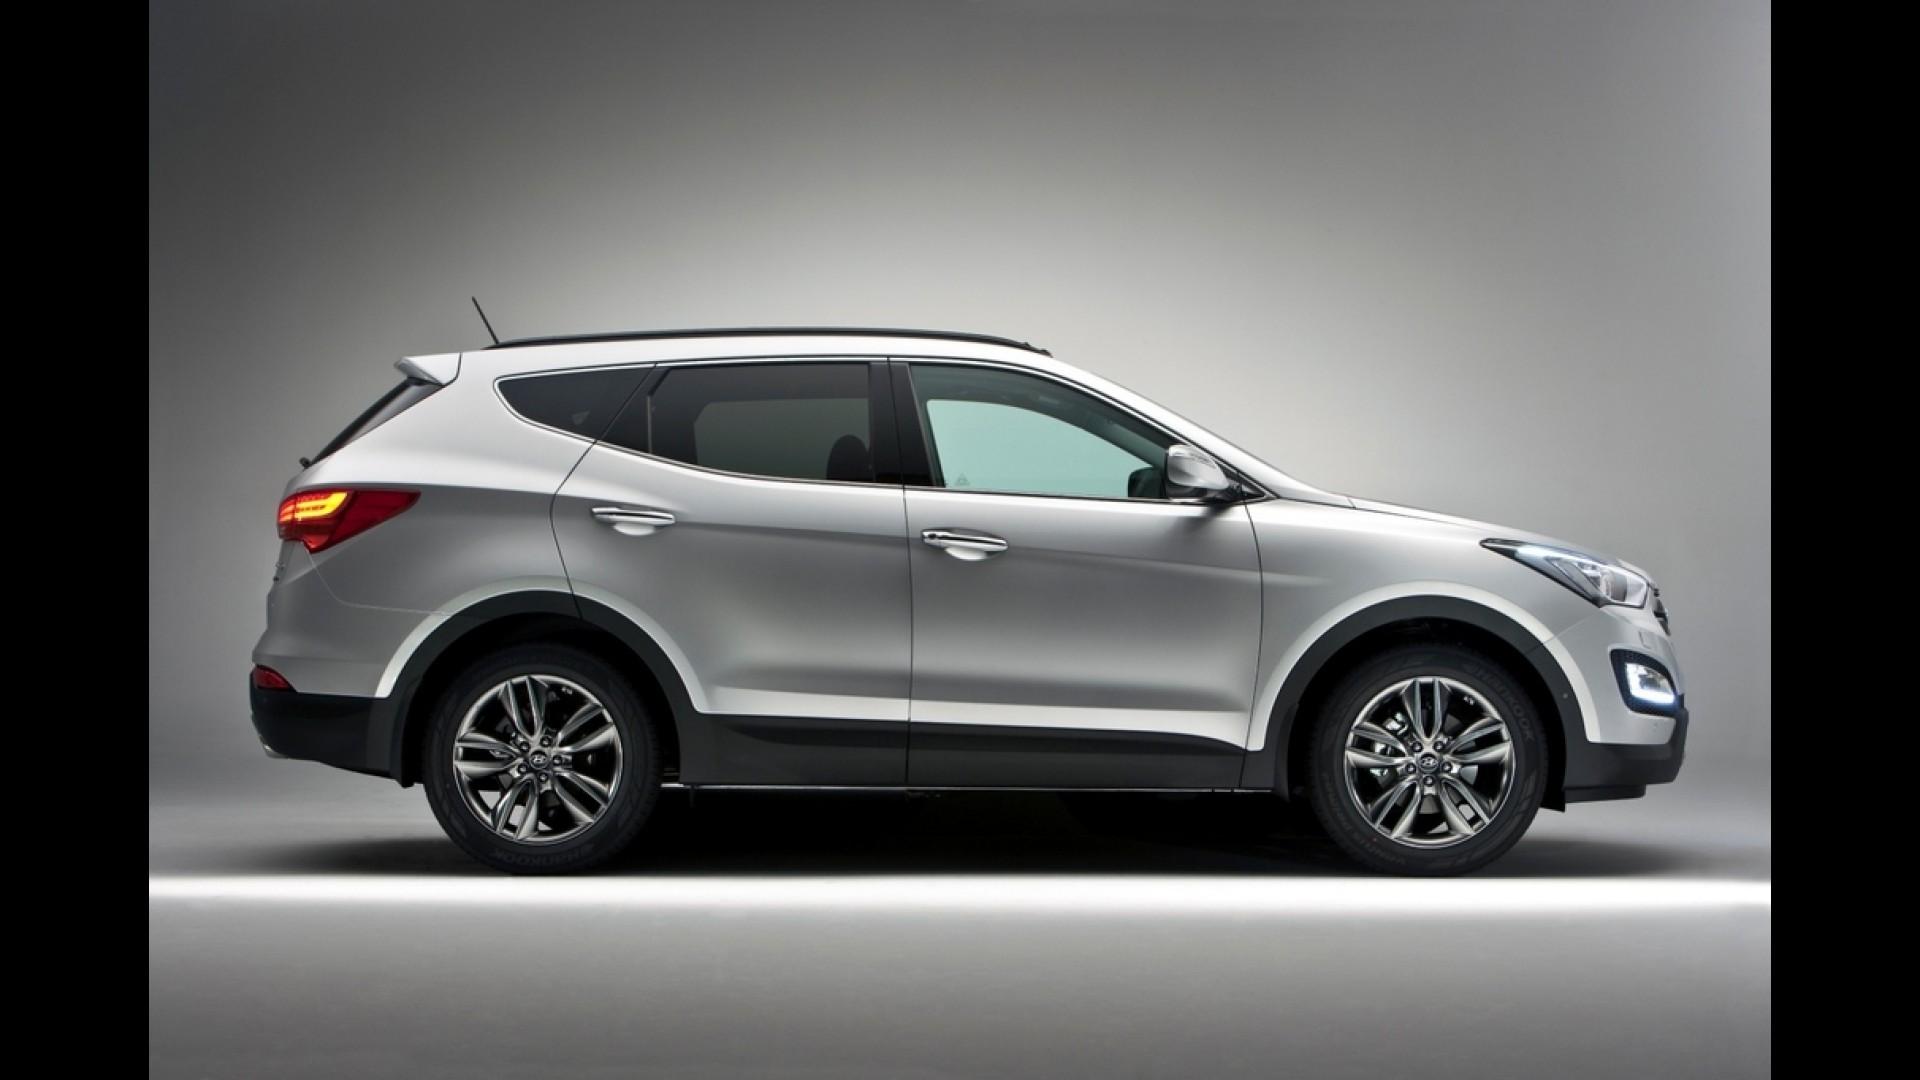 Marvelous Novo Hyundai Santa Fe 2013 Custará Entre 24.450 E 36.050 Dólares Nos  Estados Unidos